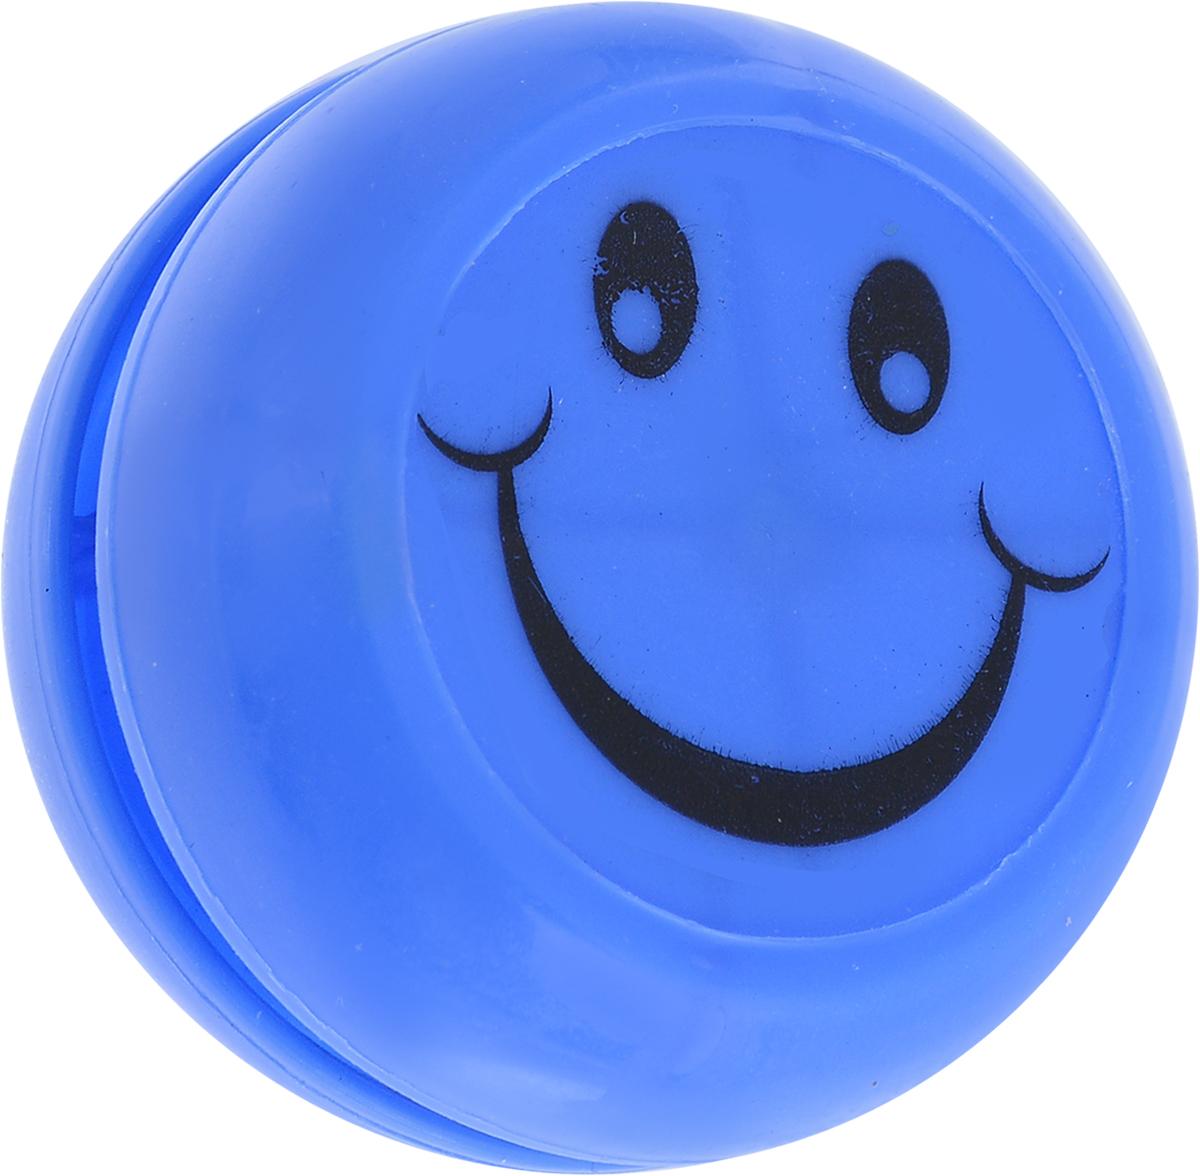 Sima-land Йо-йо Смайл цвет синий игрушка йо йо 1 toy на палец